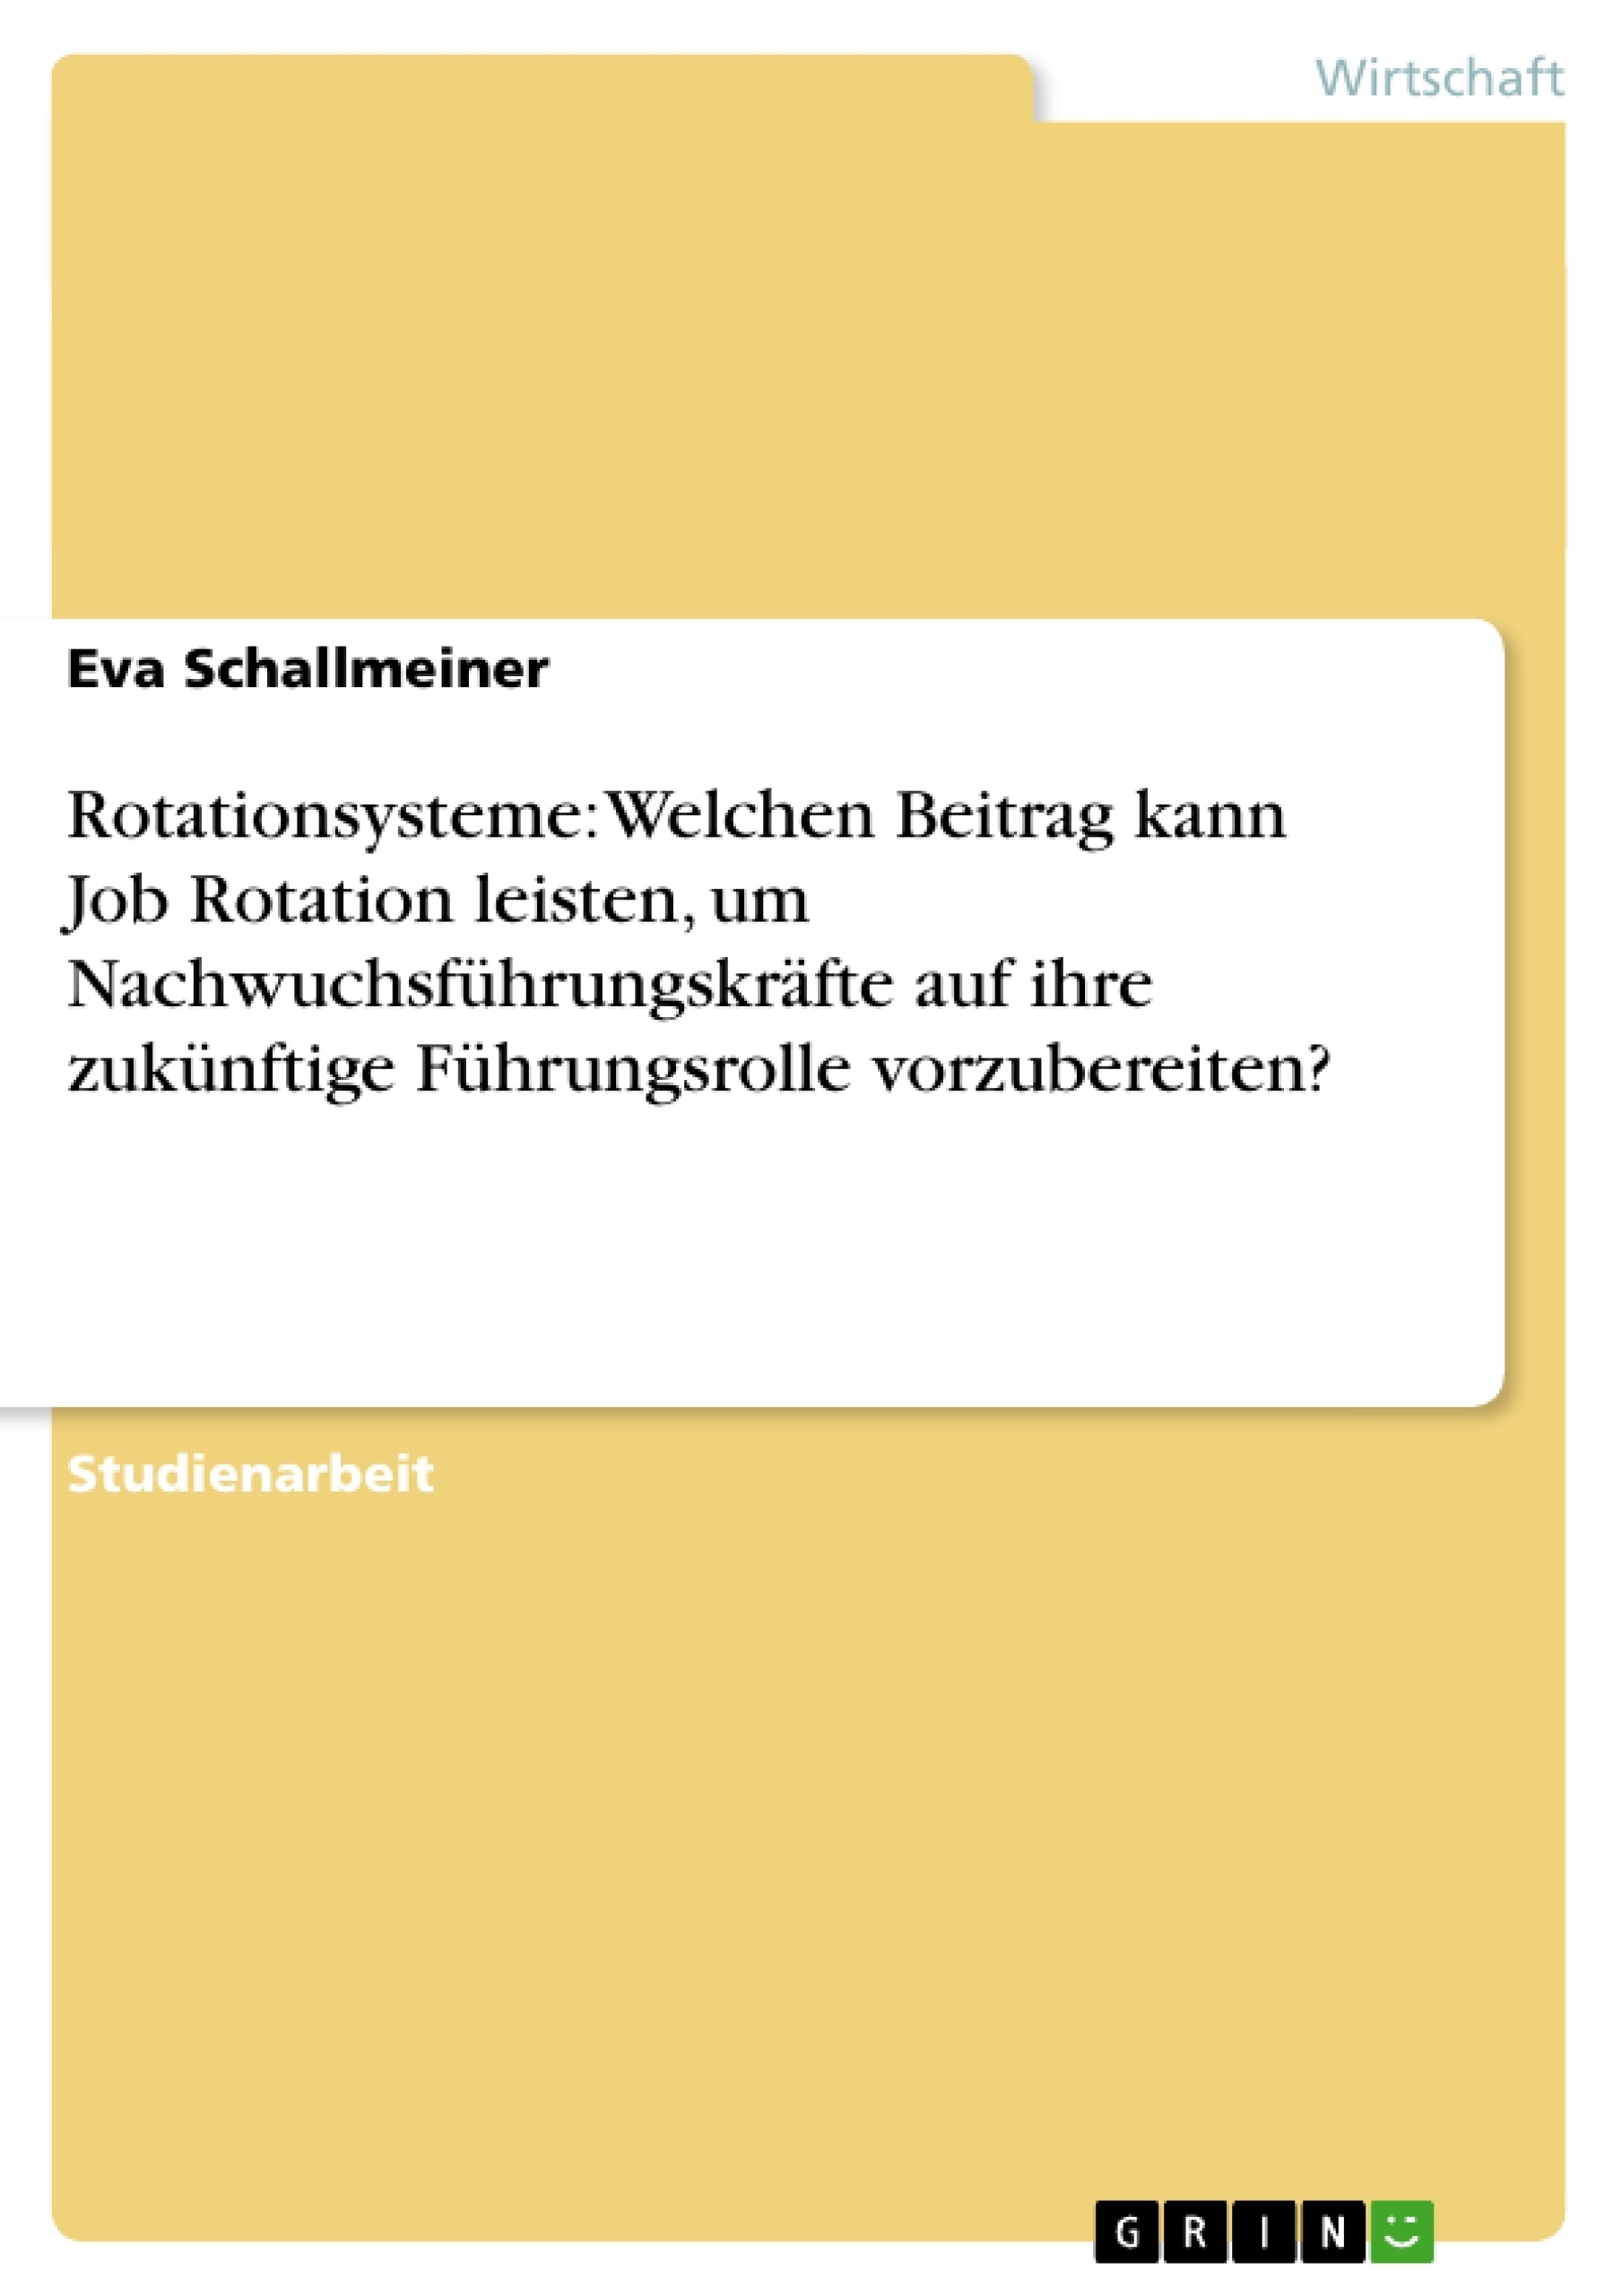 Titel: Rotationsysteme: Welchen Beitrag kann Job Rotation leisten, um Nachwuchsführungskräfte auf ihre zukünftige Führungsrolle vorzubereiten?